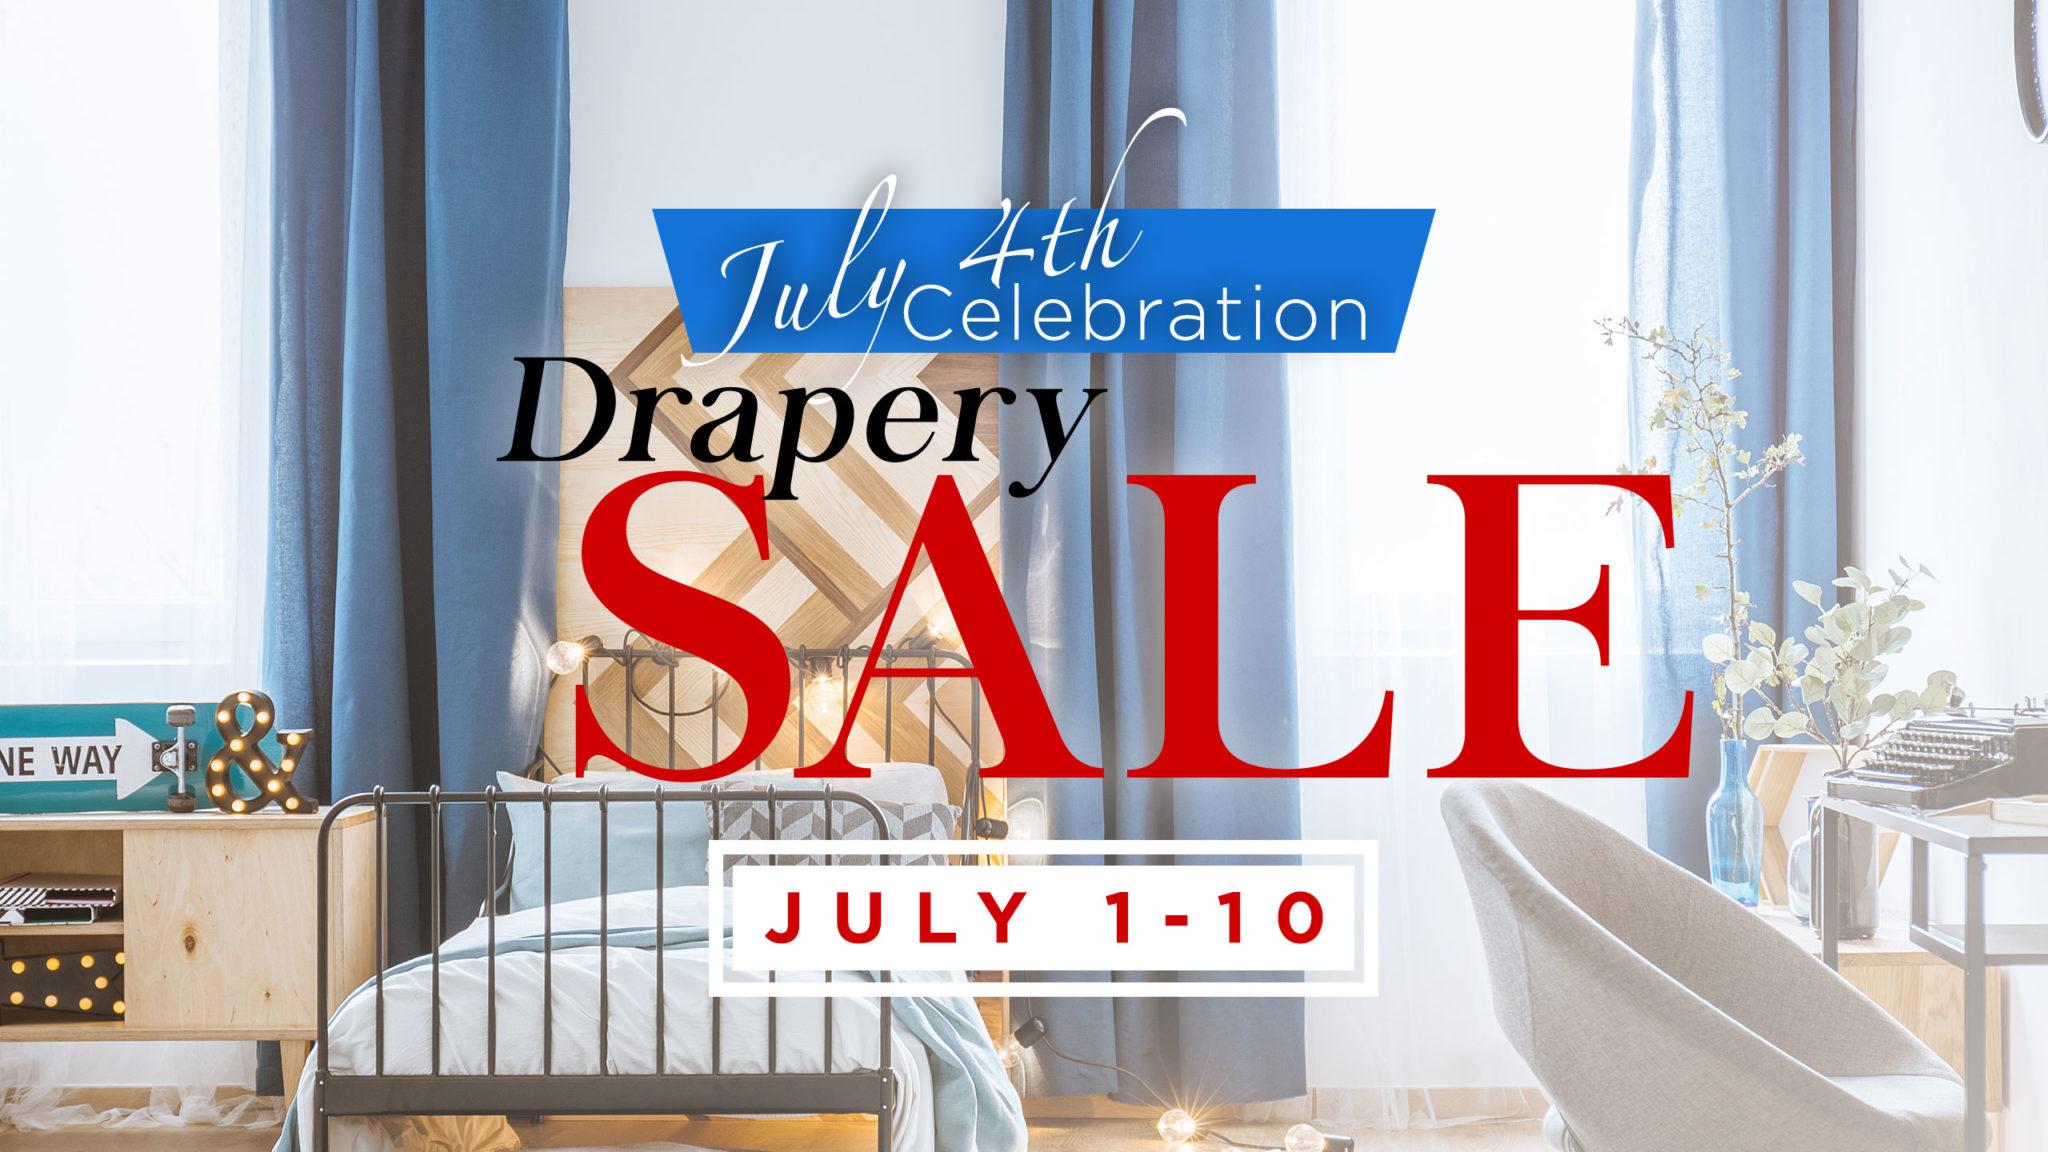 Drapery Sale   July 4th Celebration   Peak Window Coverings